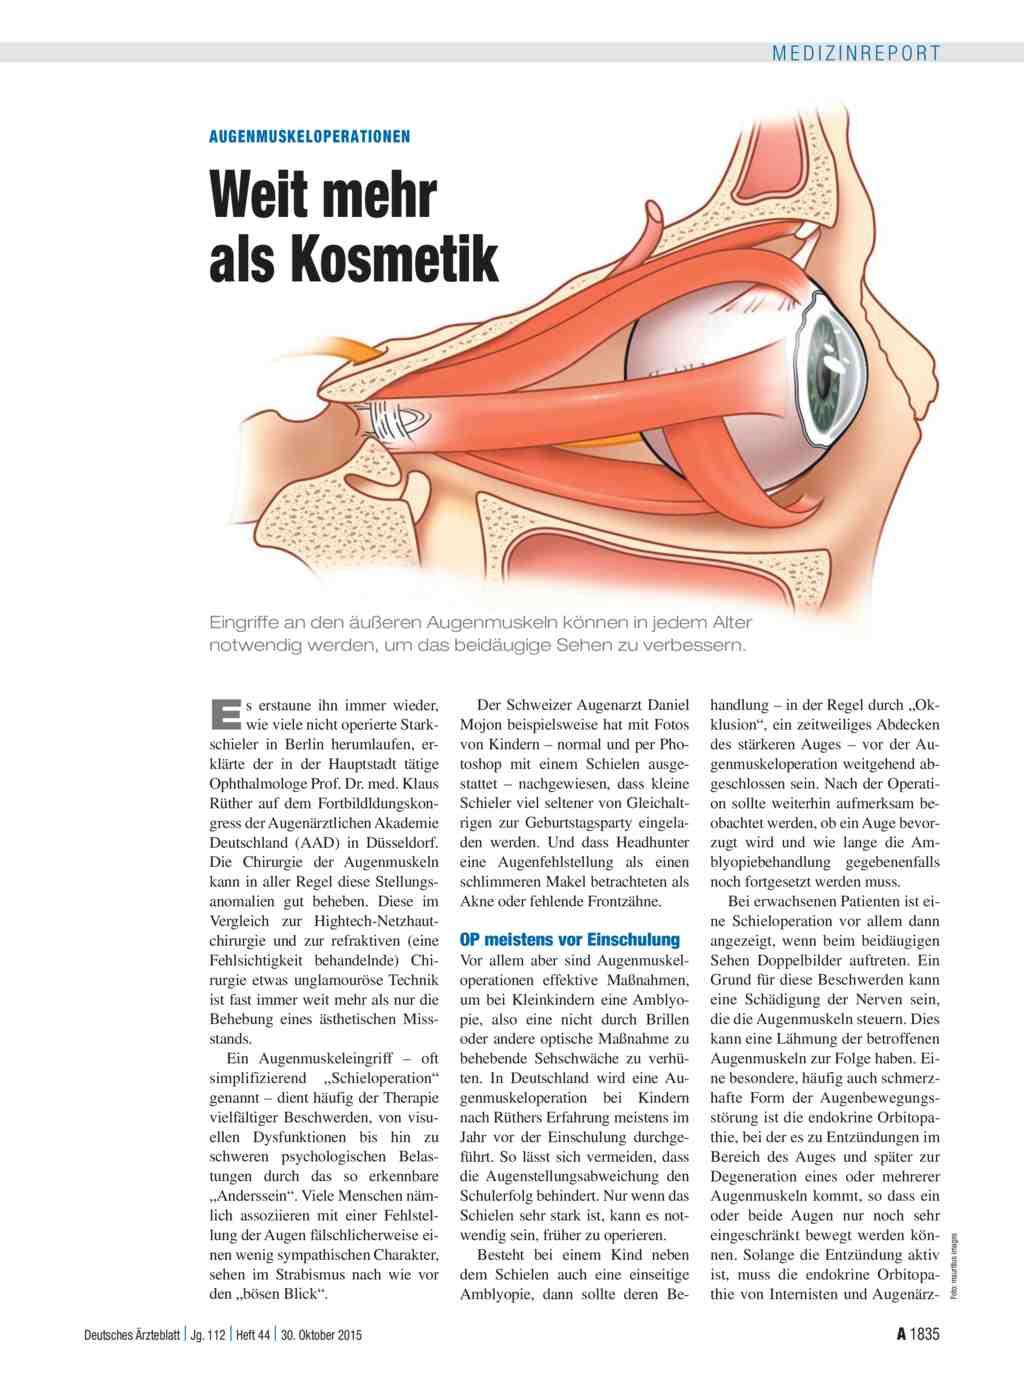 Augenmuskeloperationen: Weit mehr als Kosmetik